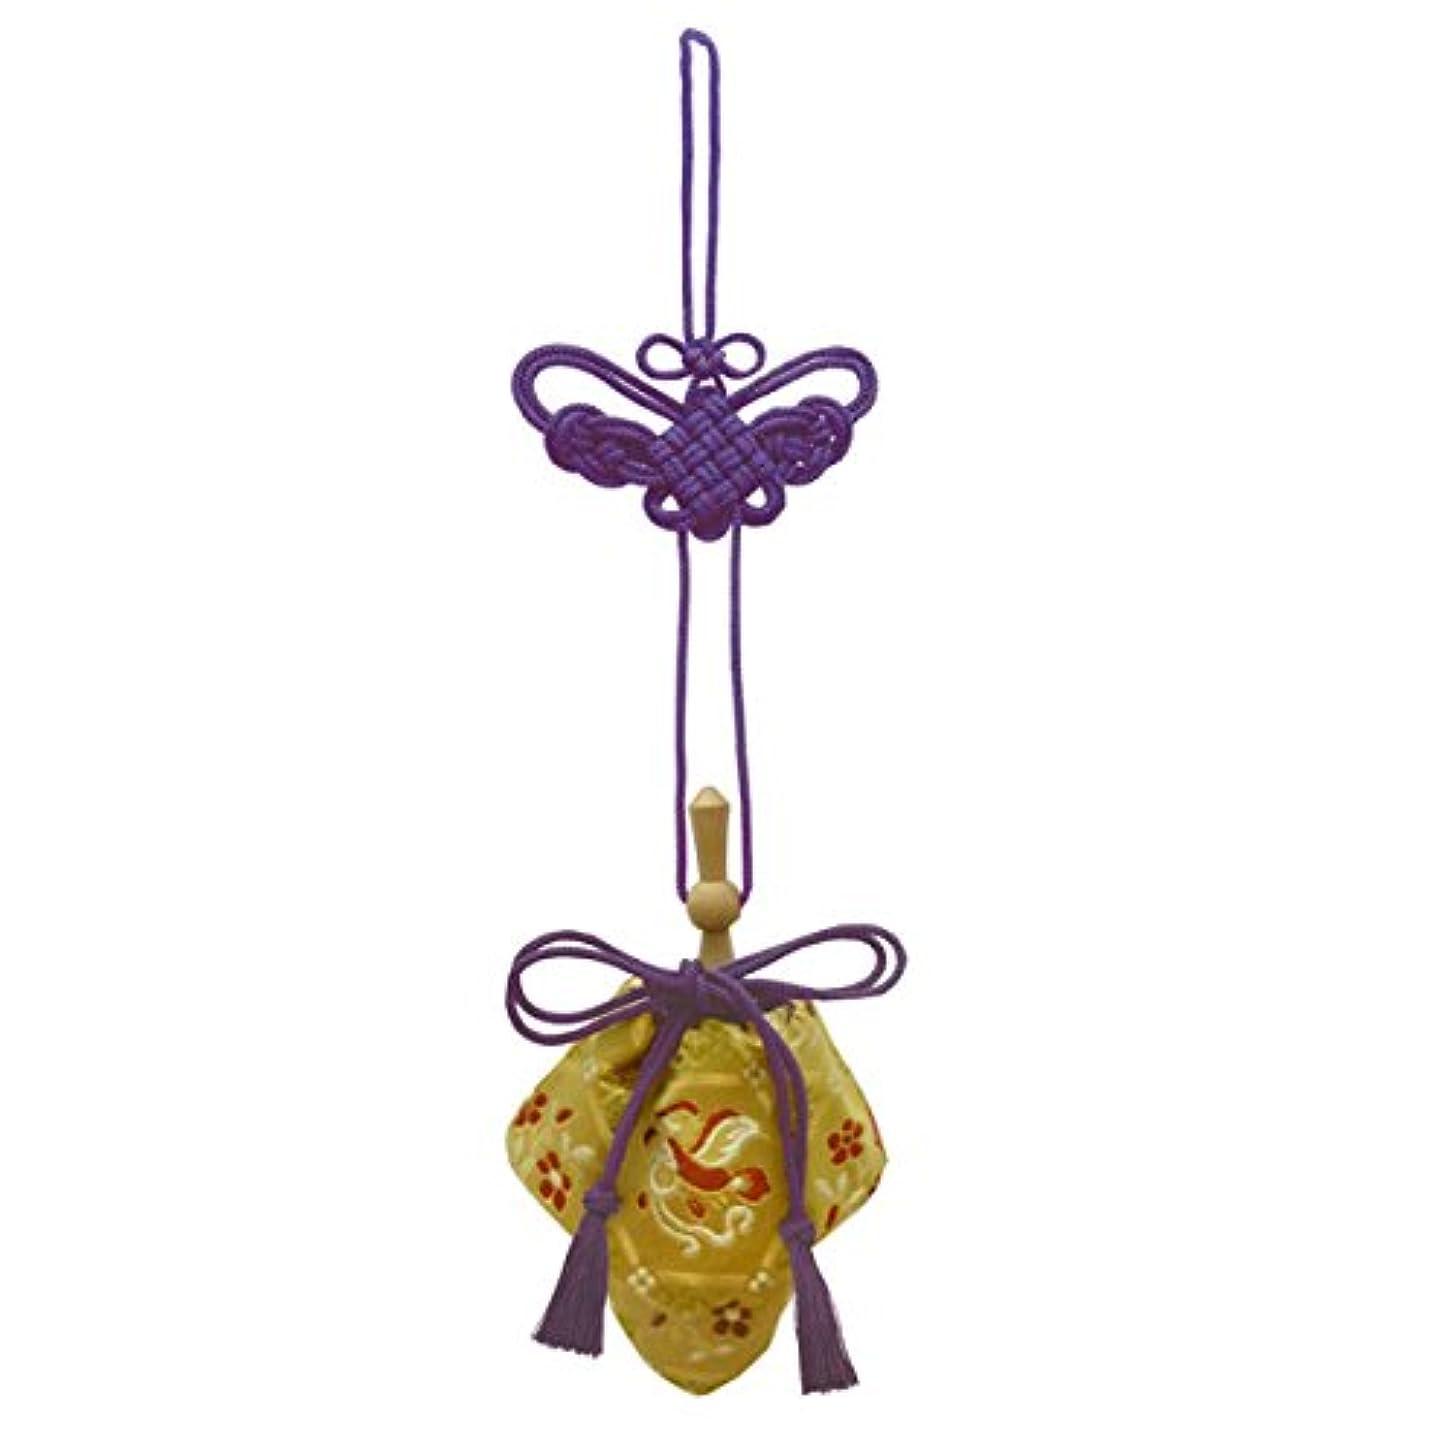 オートマトン重さ維持する訶梨勒 極品 桐箱入 鳳凰 (紫紐)